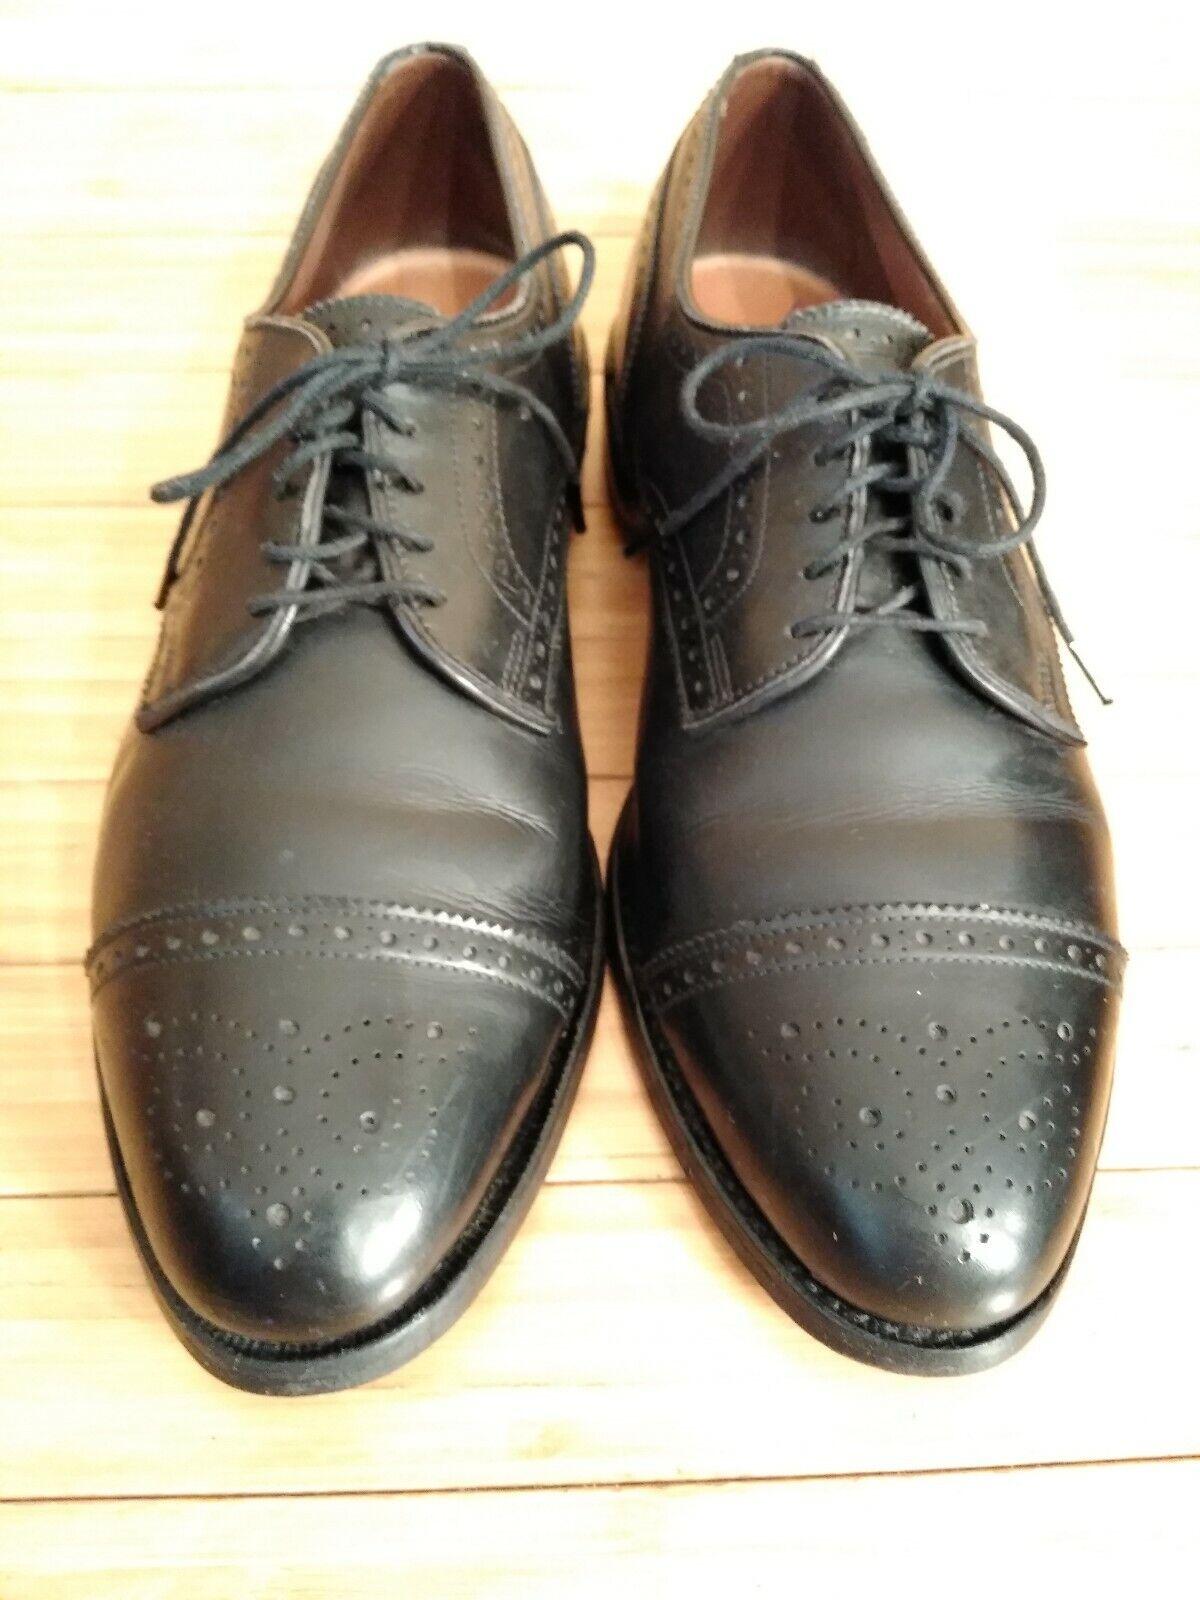 Allen Edmonds Sanford Cap Toe Dress shoes. Men's 9.5 D.